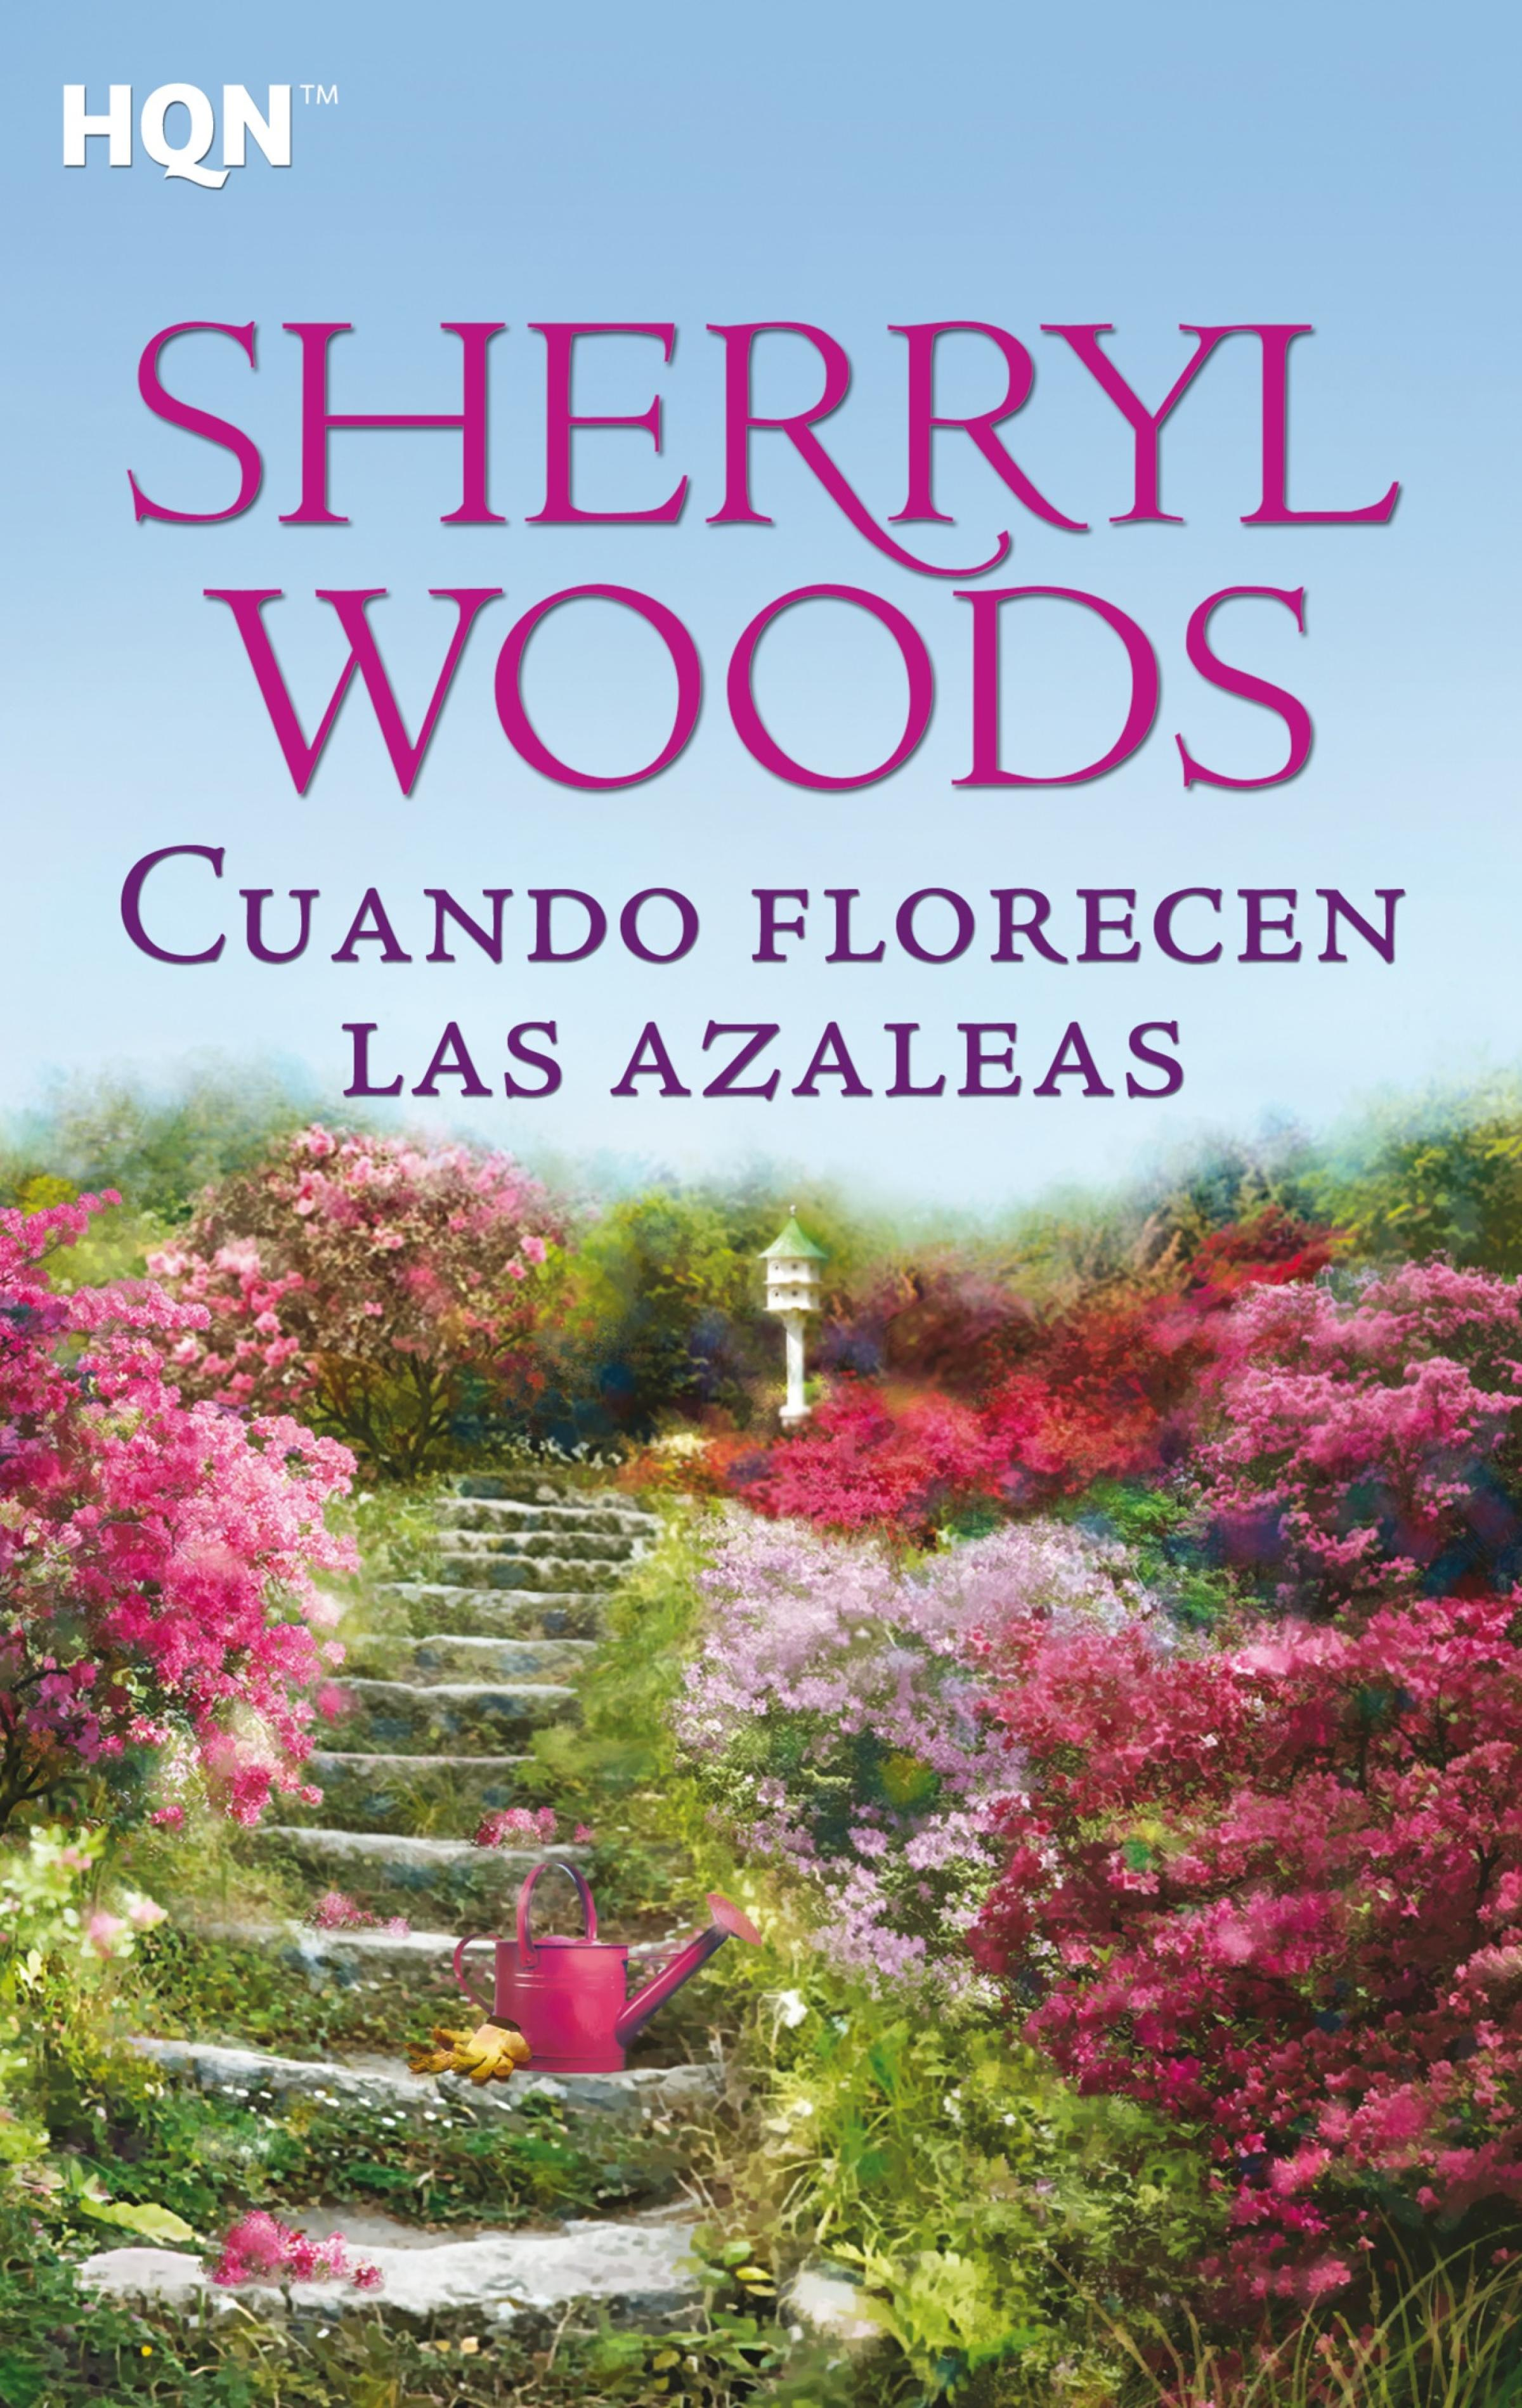 Sherryl Woods Cuando florecen las azaleas